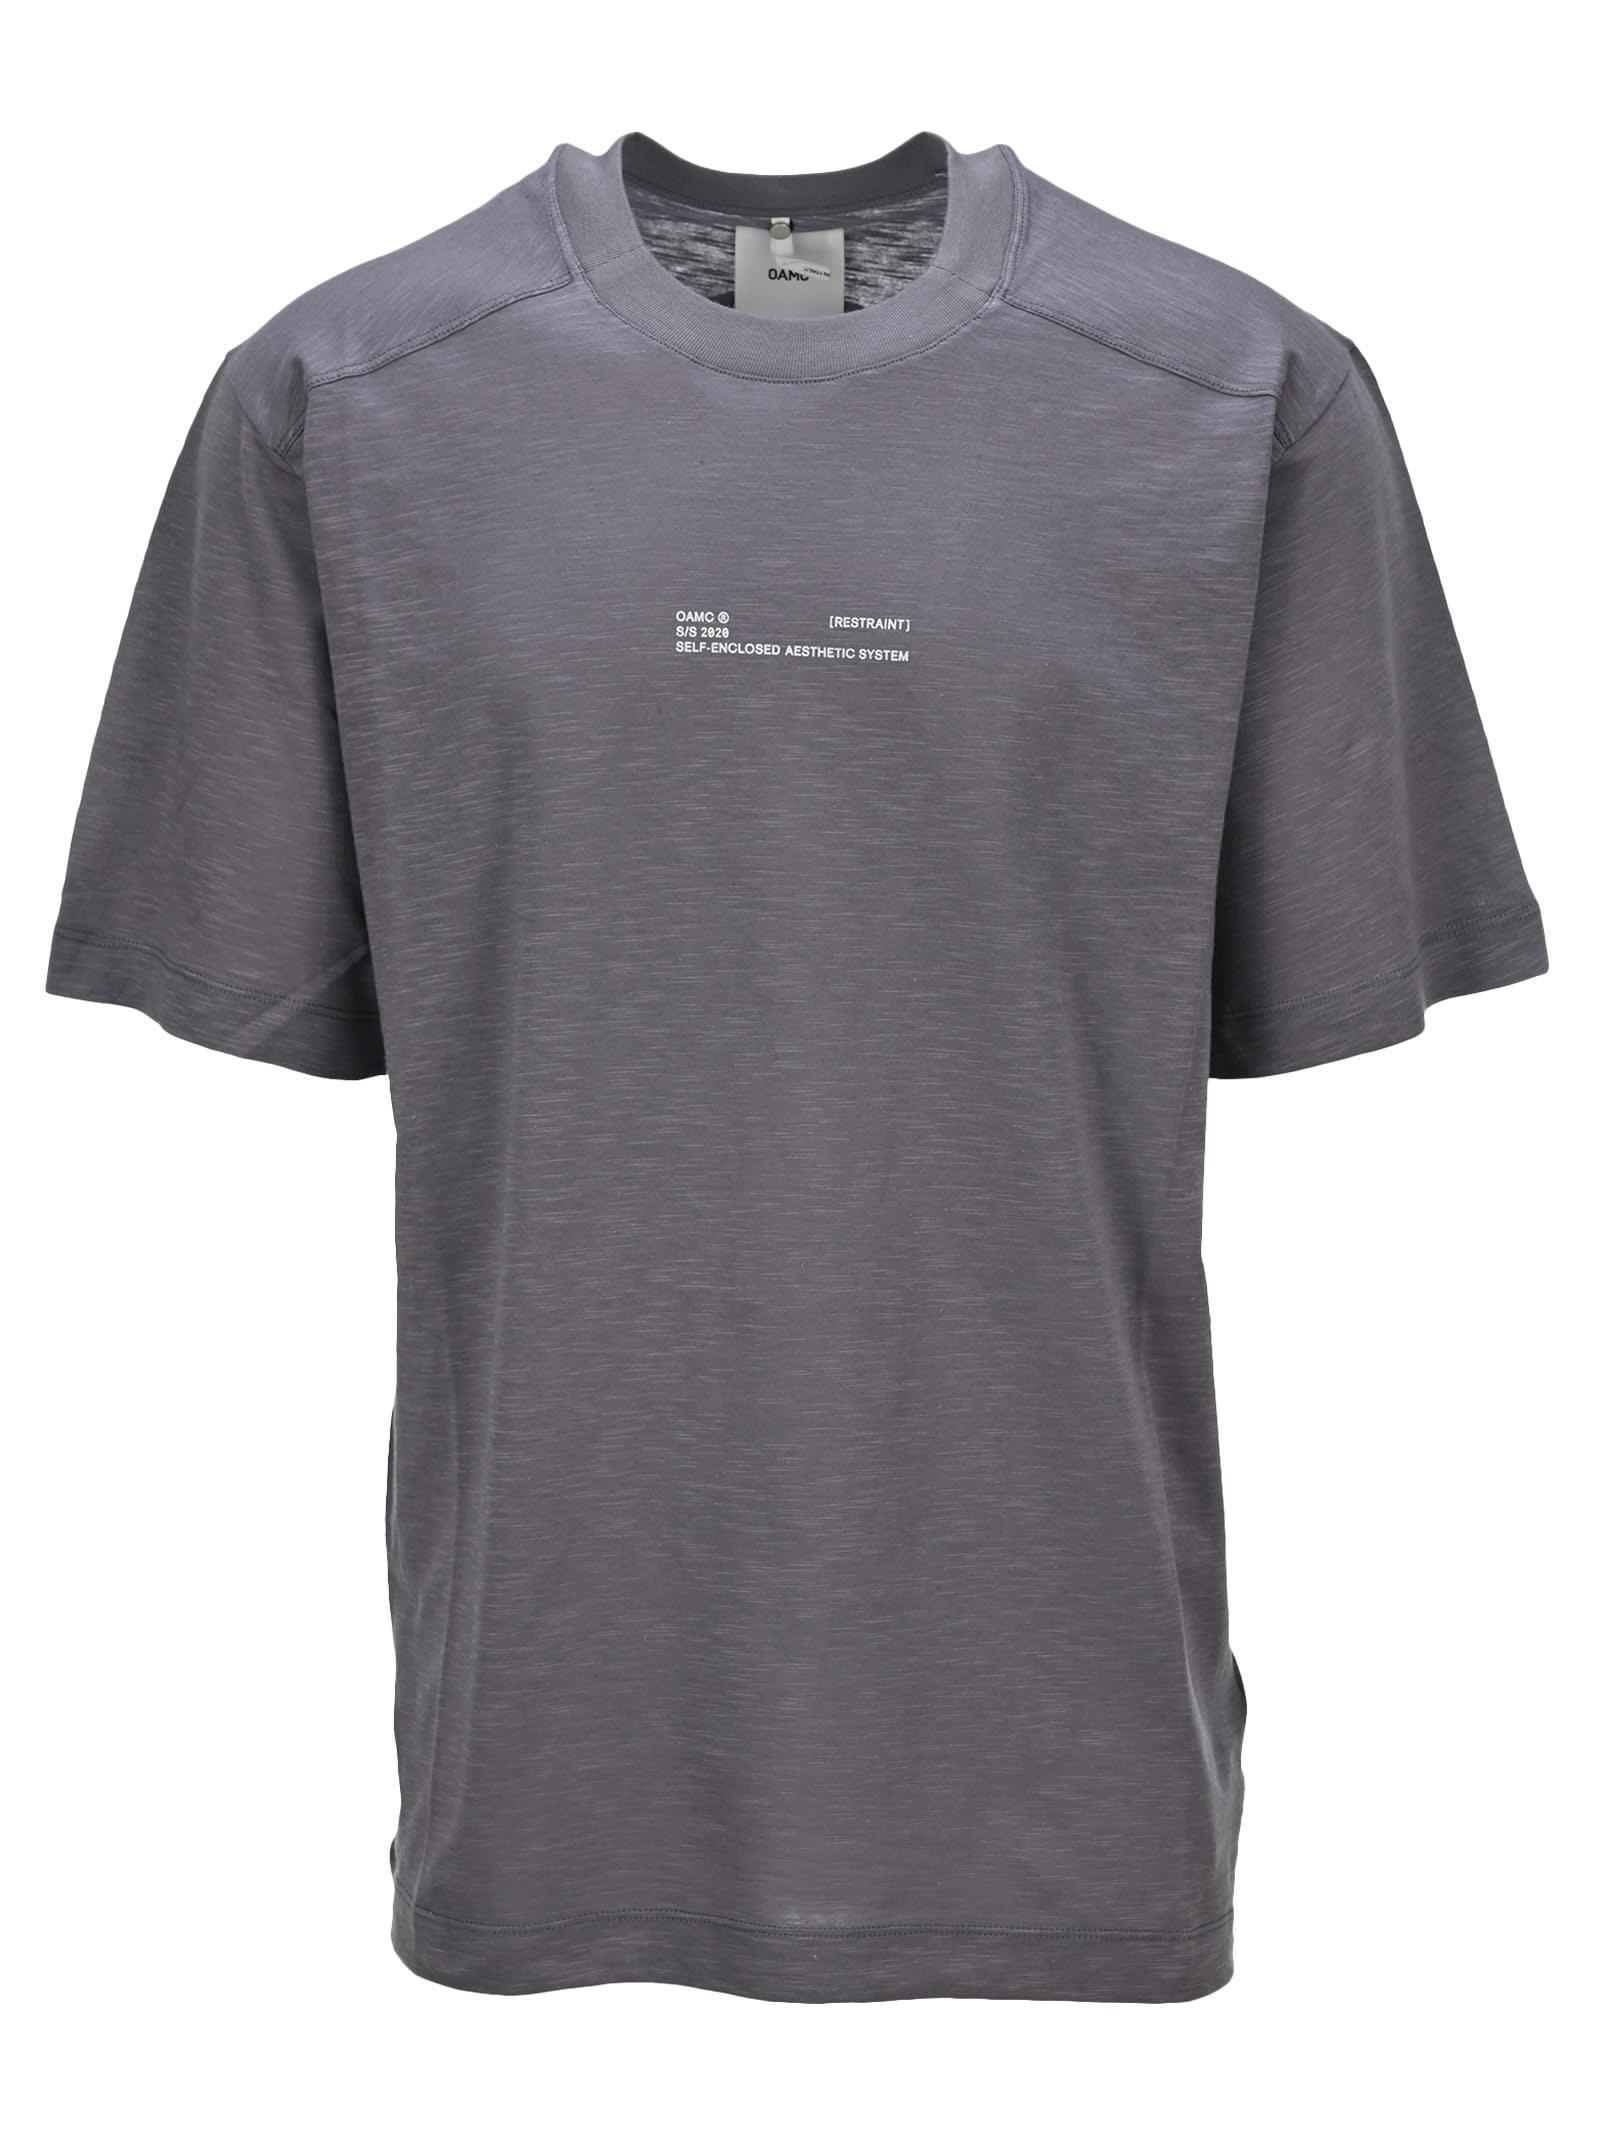 Oamc Dream Logic T-shirt